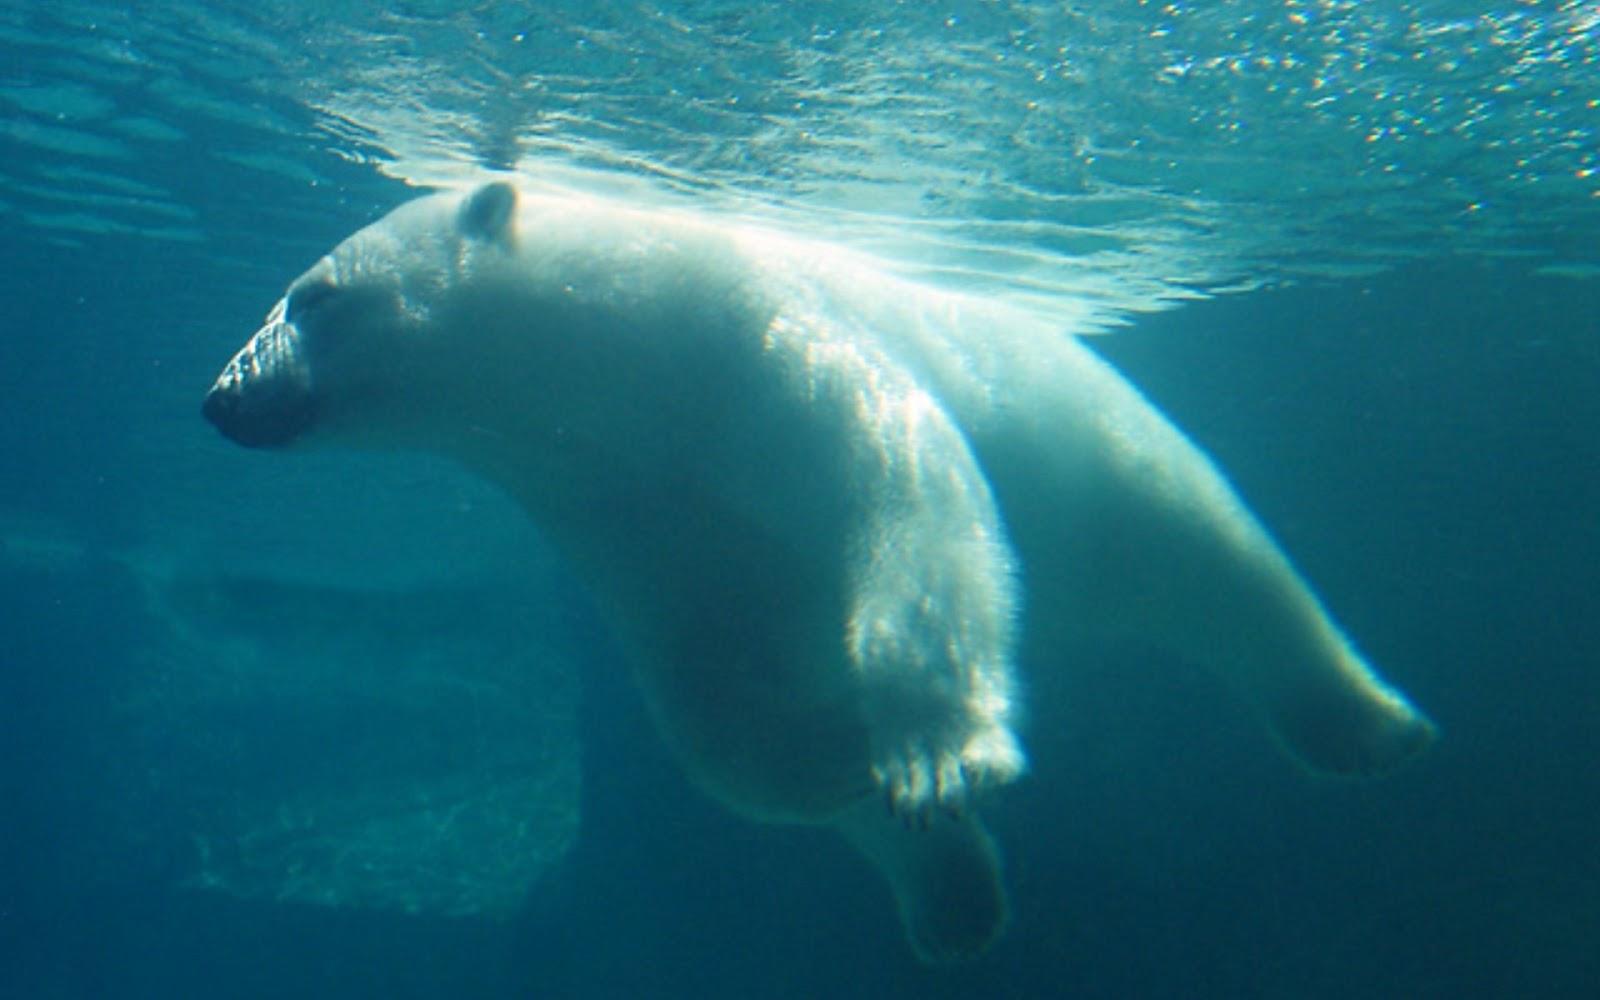 http://4.bp.blogspot.com/-Hun23qISjWA/UXsC32bgomI/AAAAAAAAA1c/v3VhPLj9yUU/s1600/Funny-Animals-Polar-Bear-Underwater-Full-HD-Wallpaper.jpg